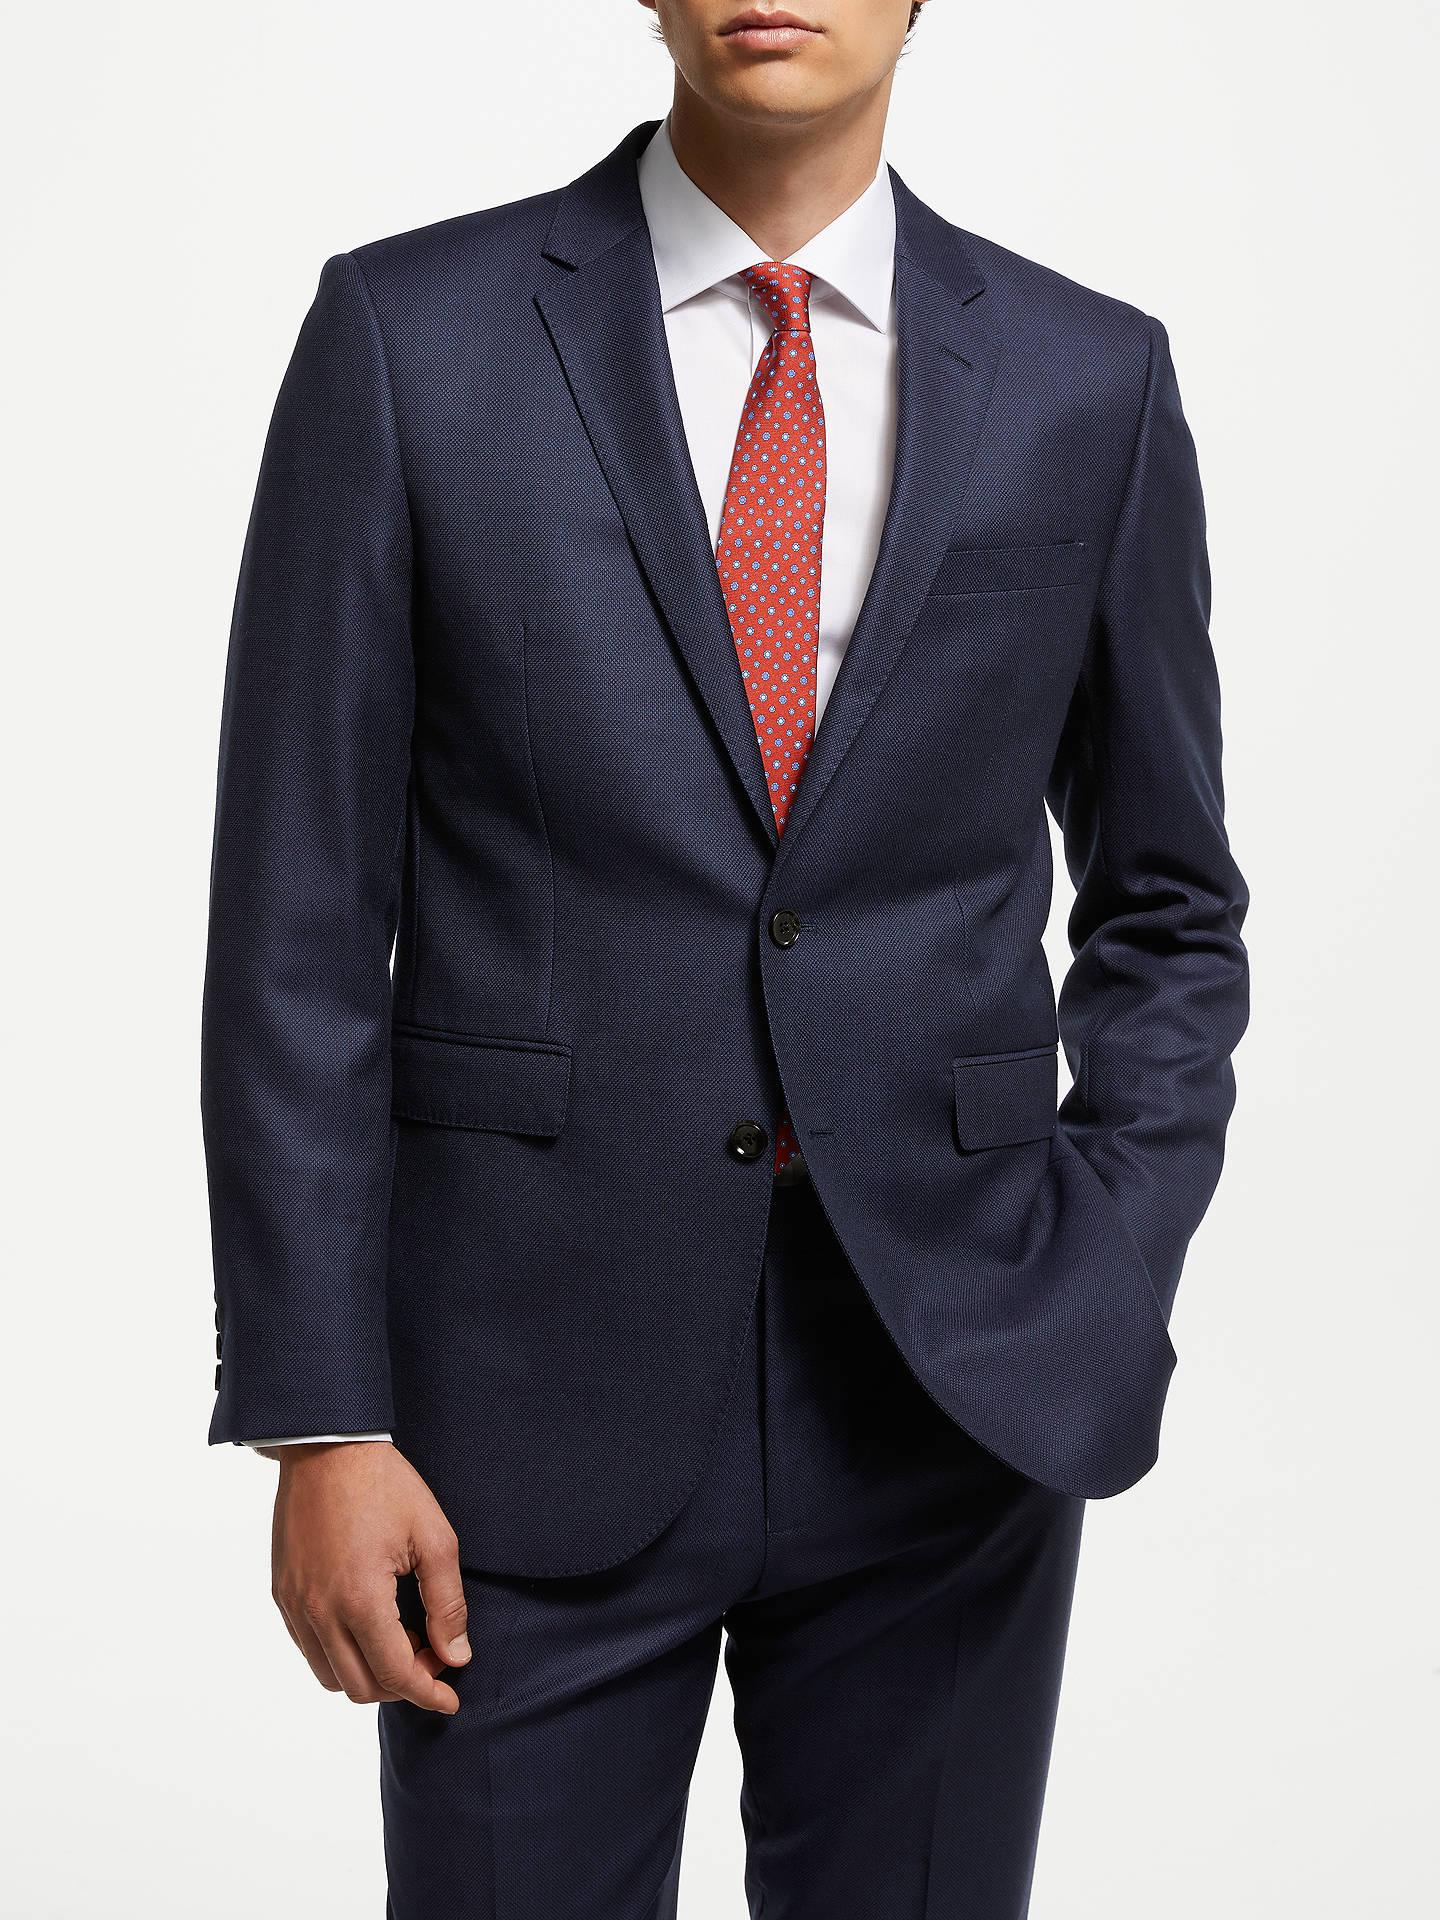 ece9b2b7b1 John Lewis & Partners Zegna Birdseye Suit Jacket, Navy